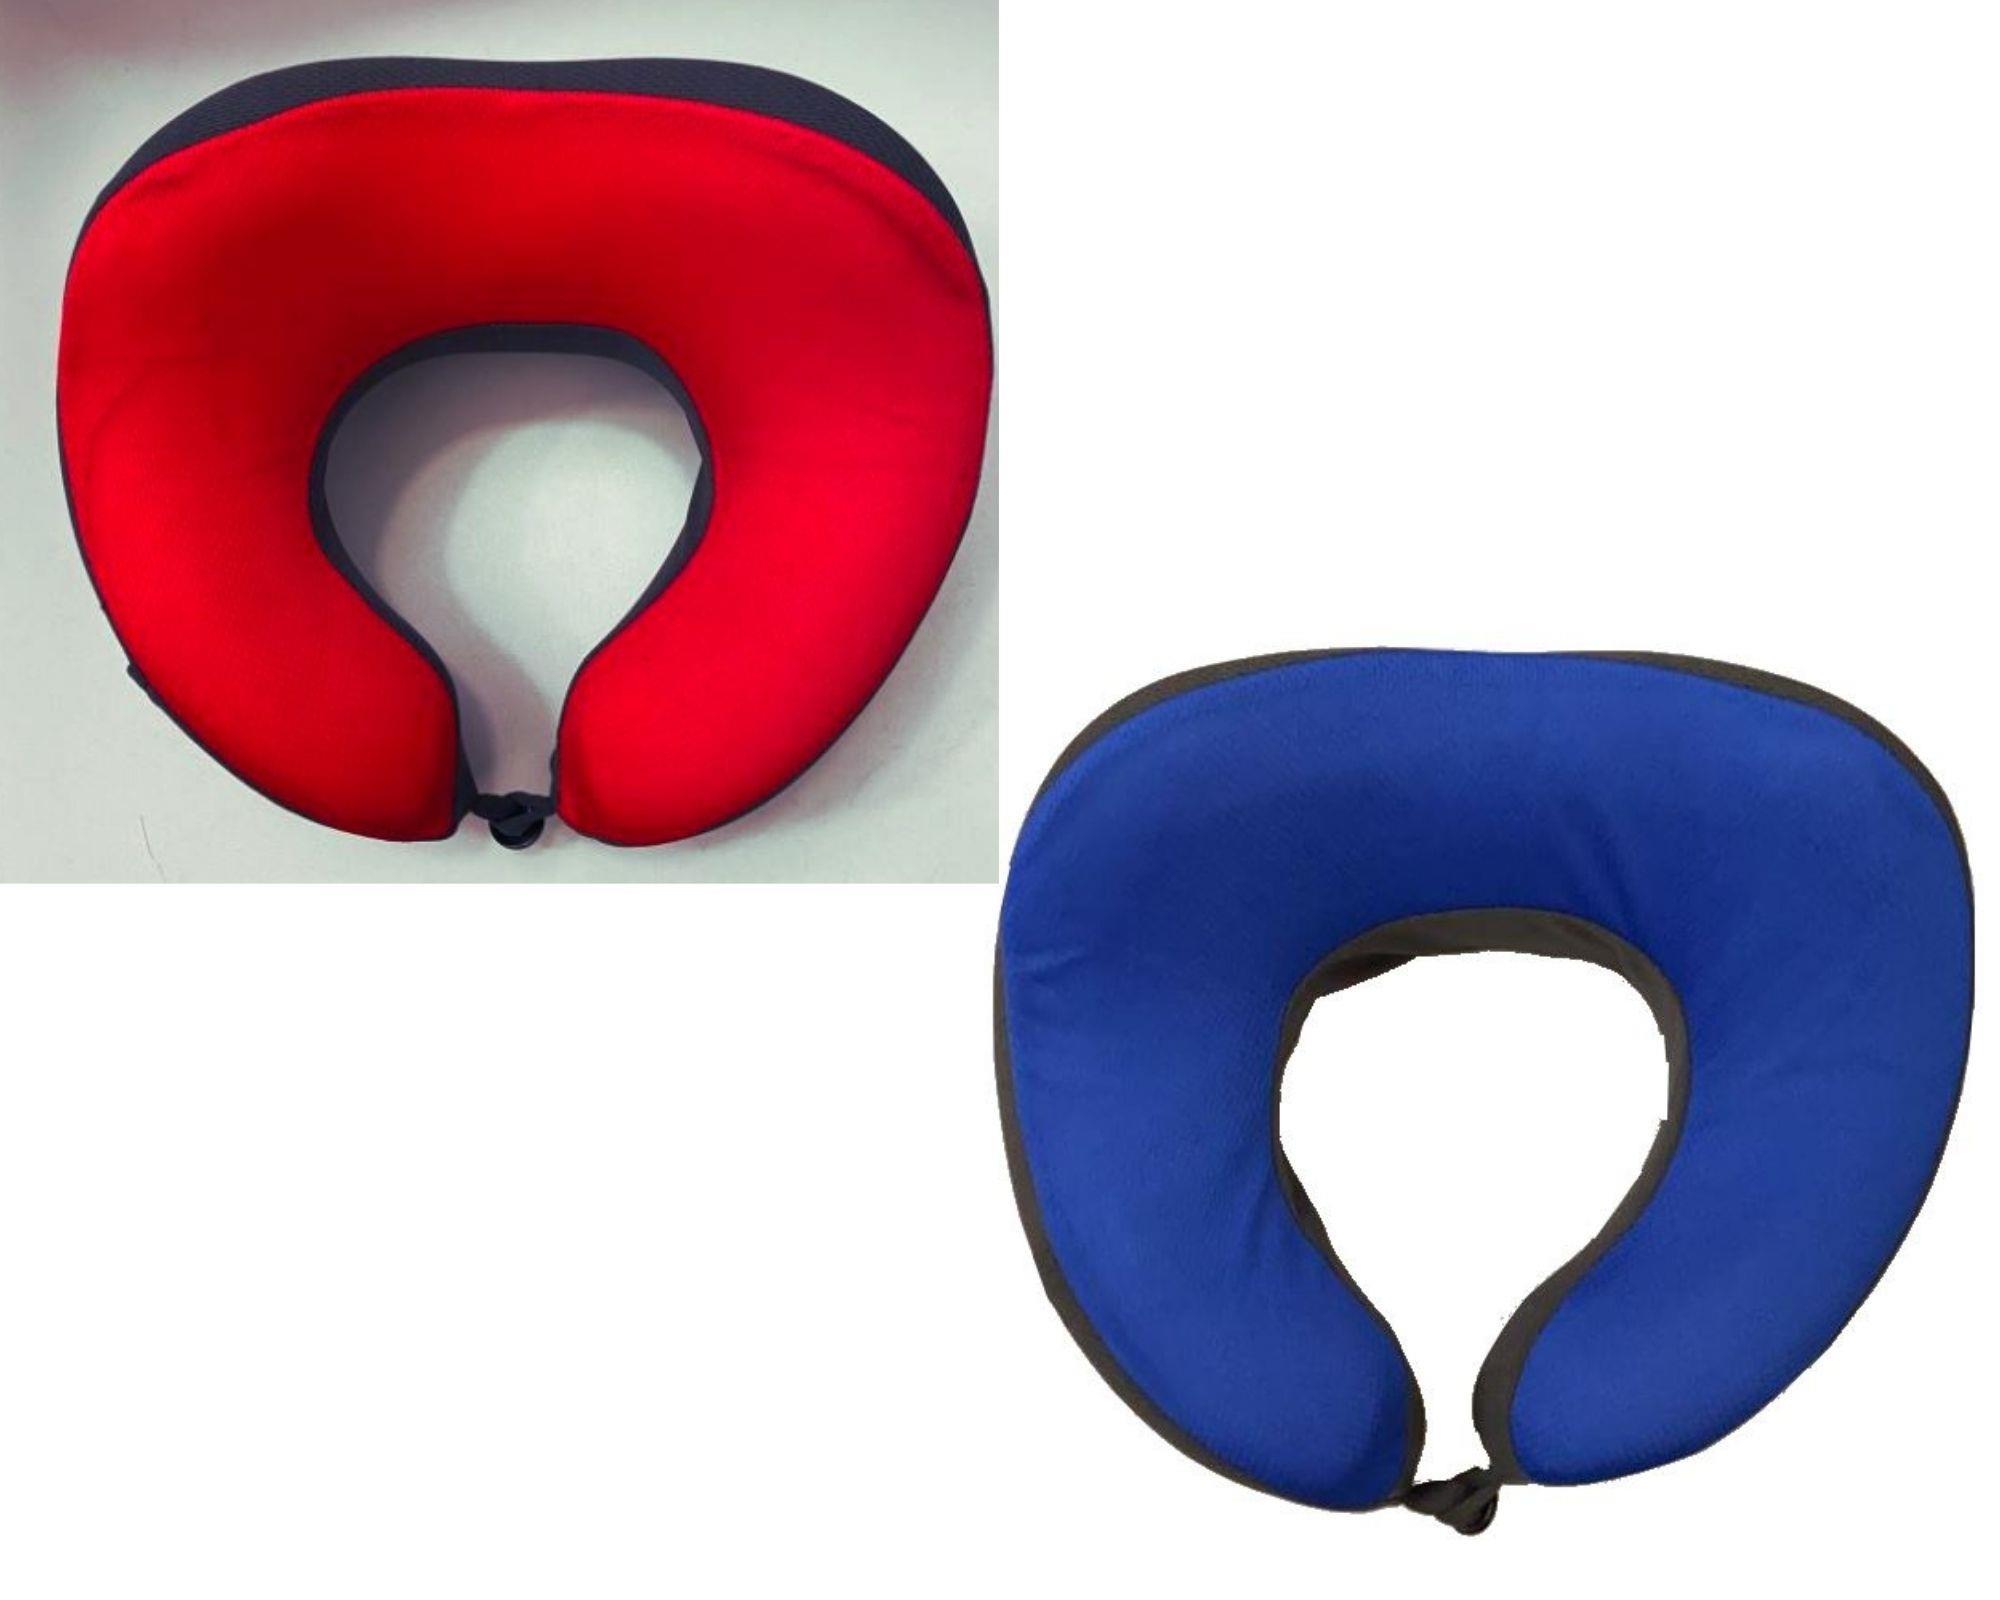 memory foam travel pillow כרית טיסה לצוואר